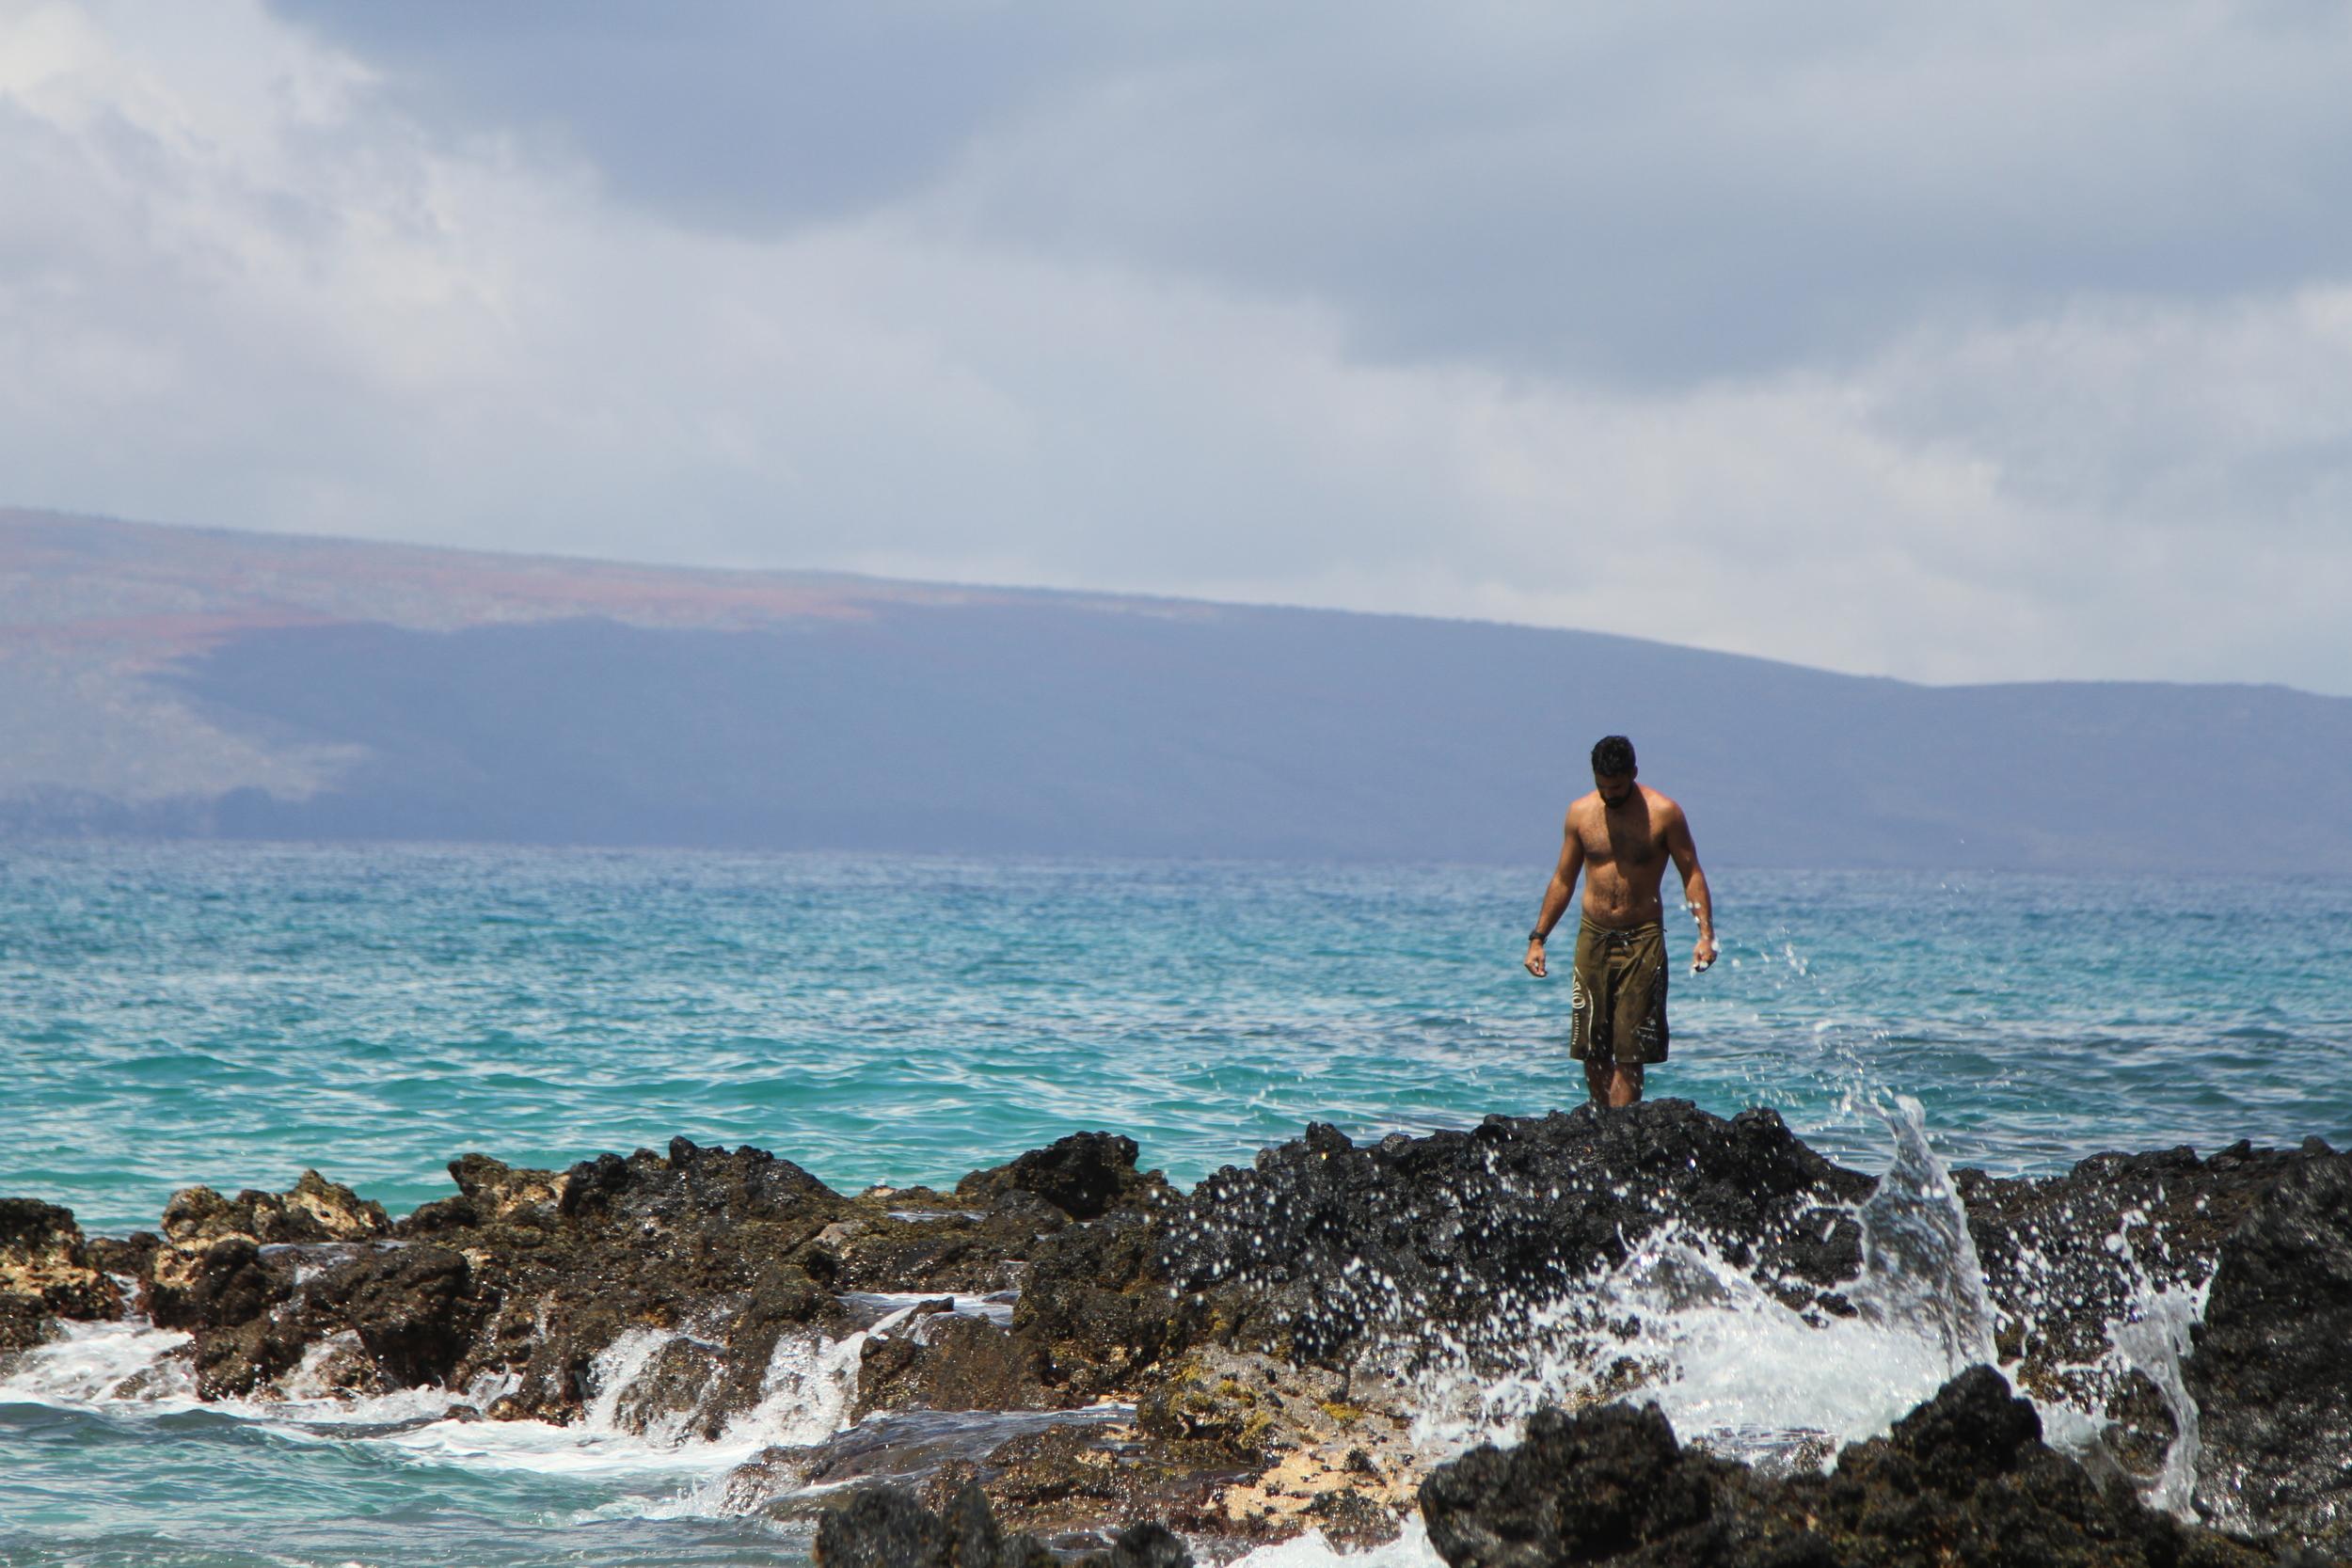 Kainoa on the rocks